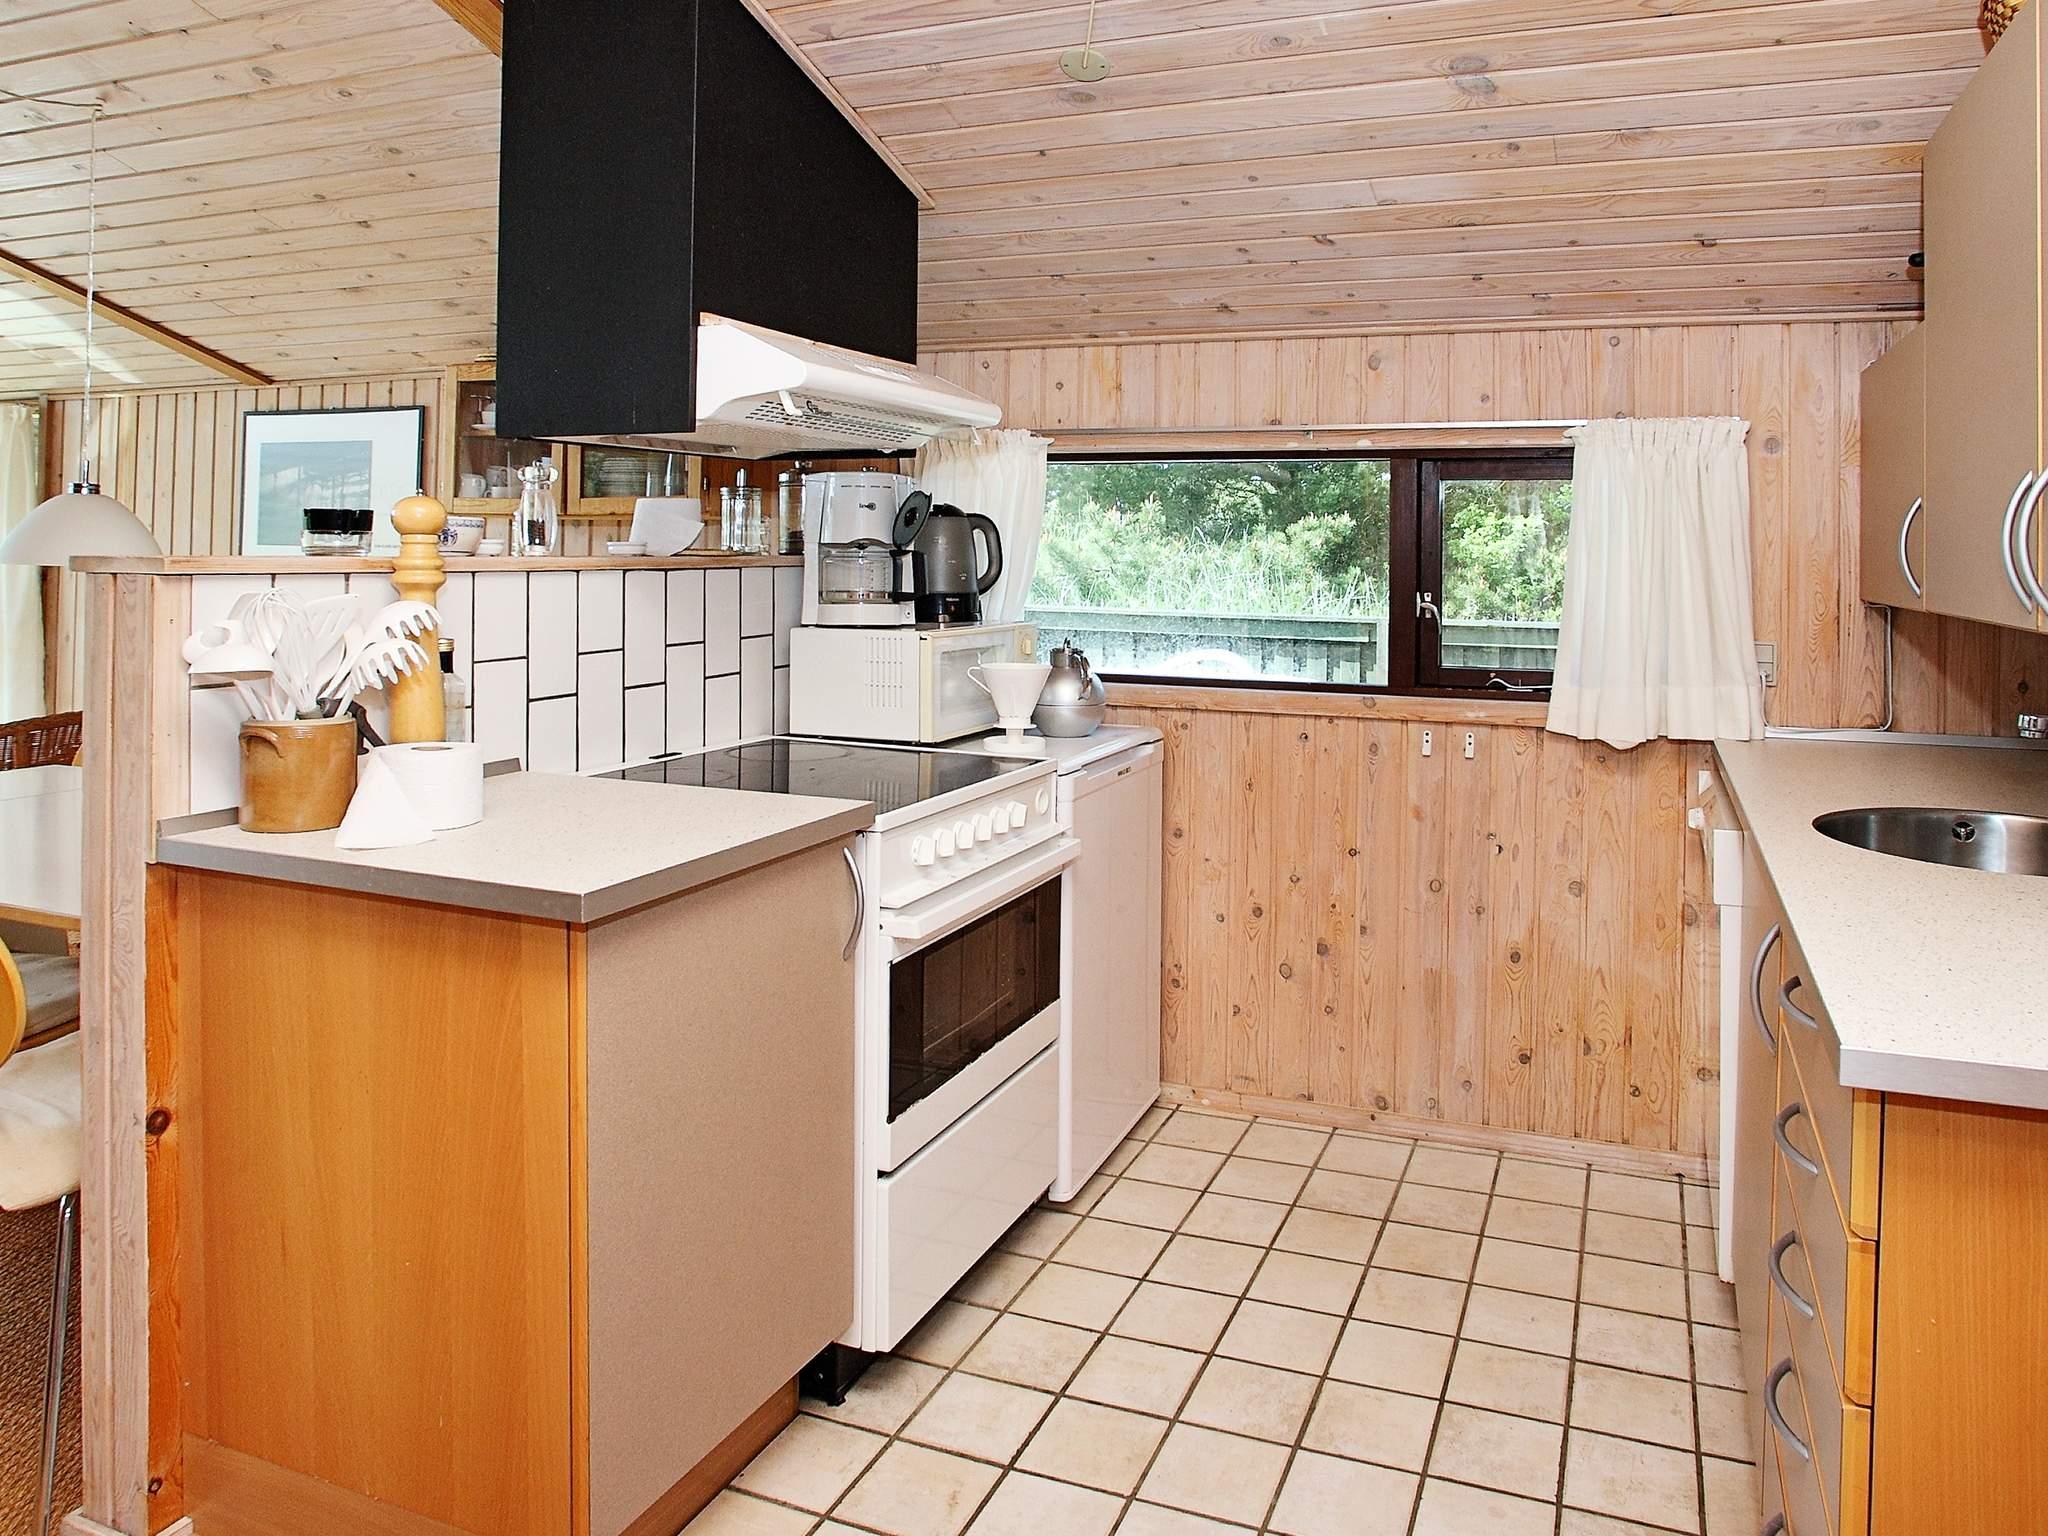 Ferienhaus Kjul Strand (319409), Hirtshals, , Nordwestjütland, Dänemark, Bild 6